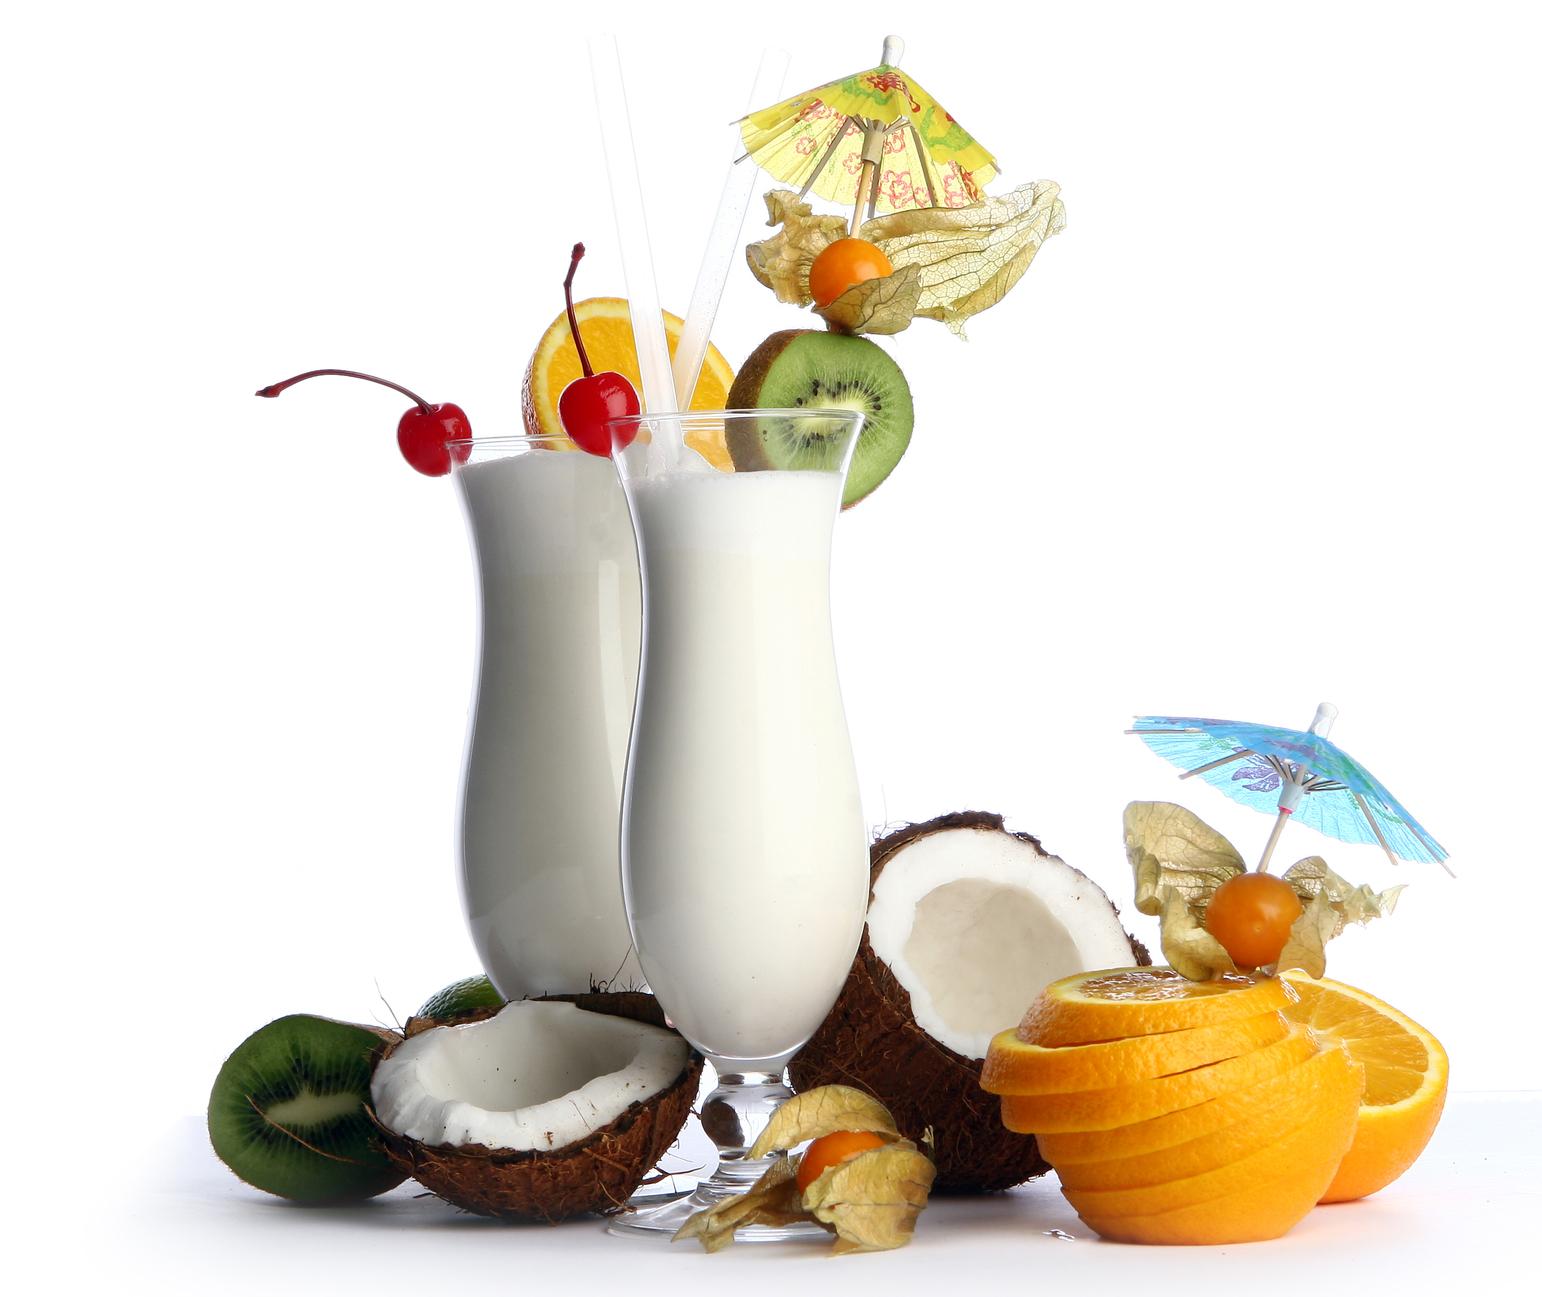 BANCO DE IMAGENES GRATIS: Exquisito coctel de frutas con leche, coco ...